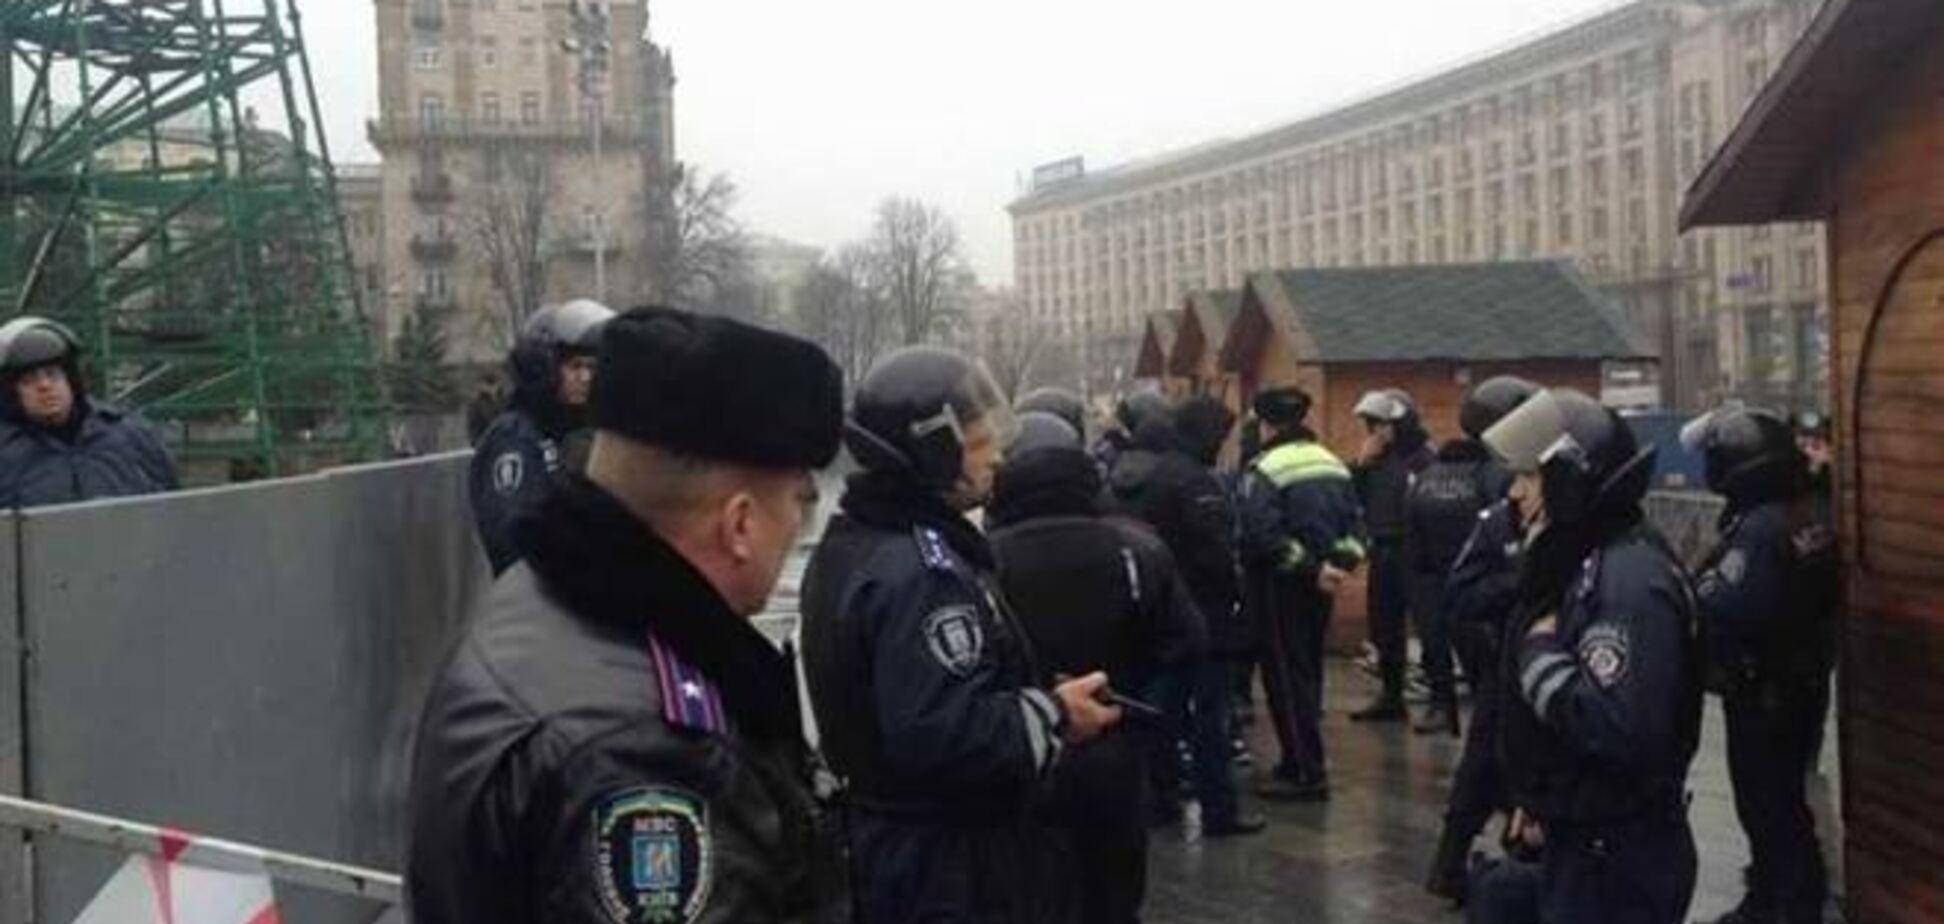 Станции метро 'Майдан Незалежности' и 'Крещатик' закрыты на вход и выход